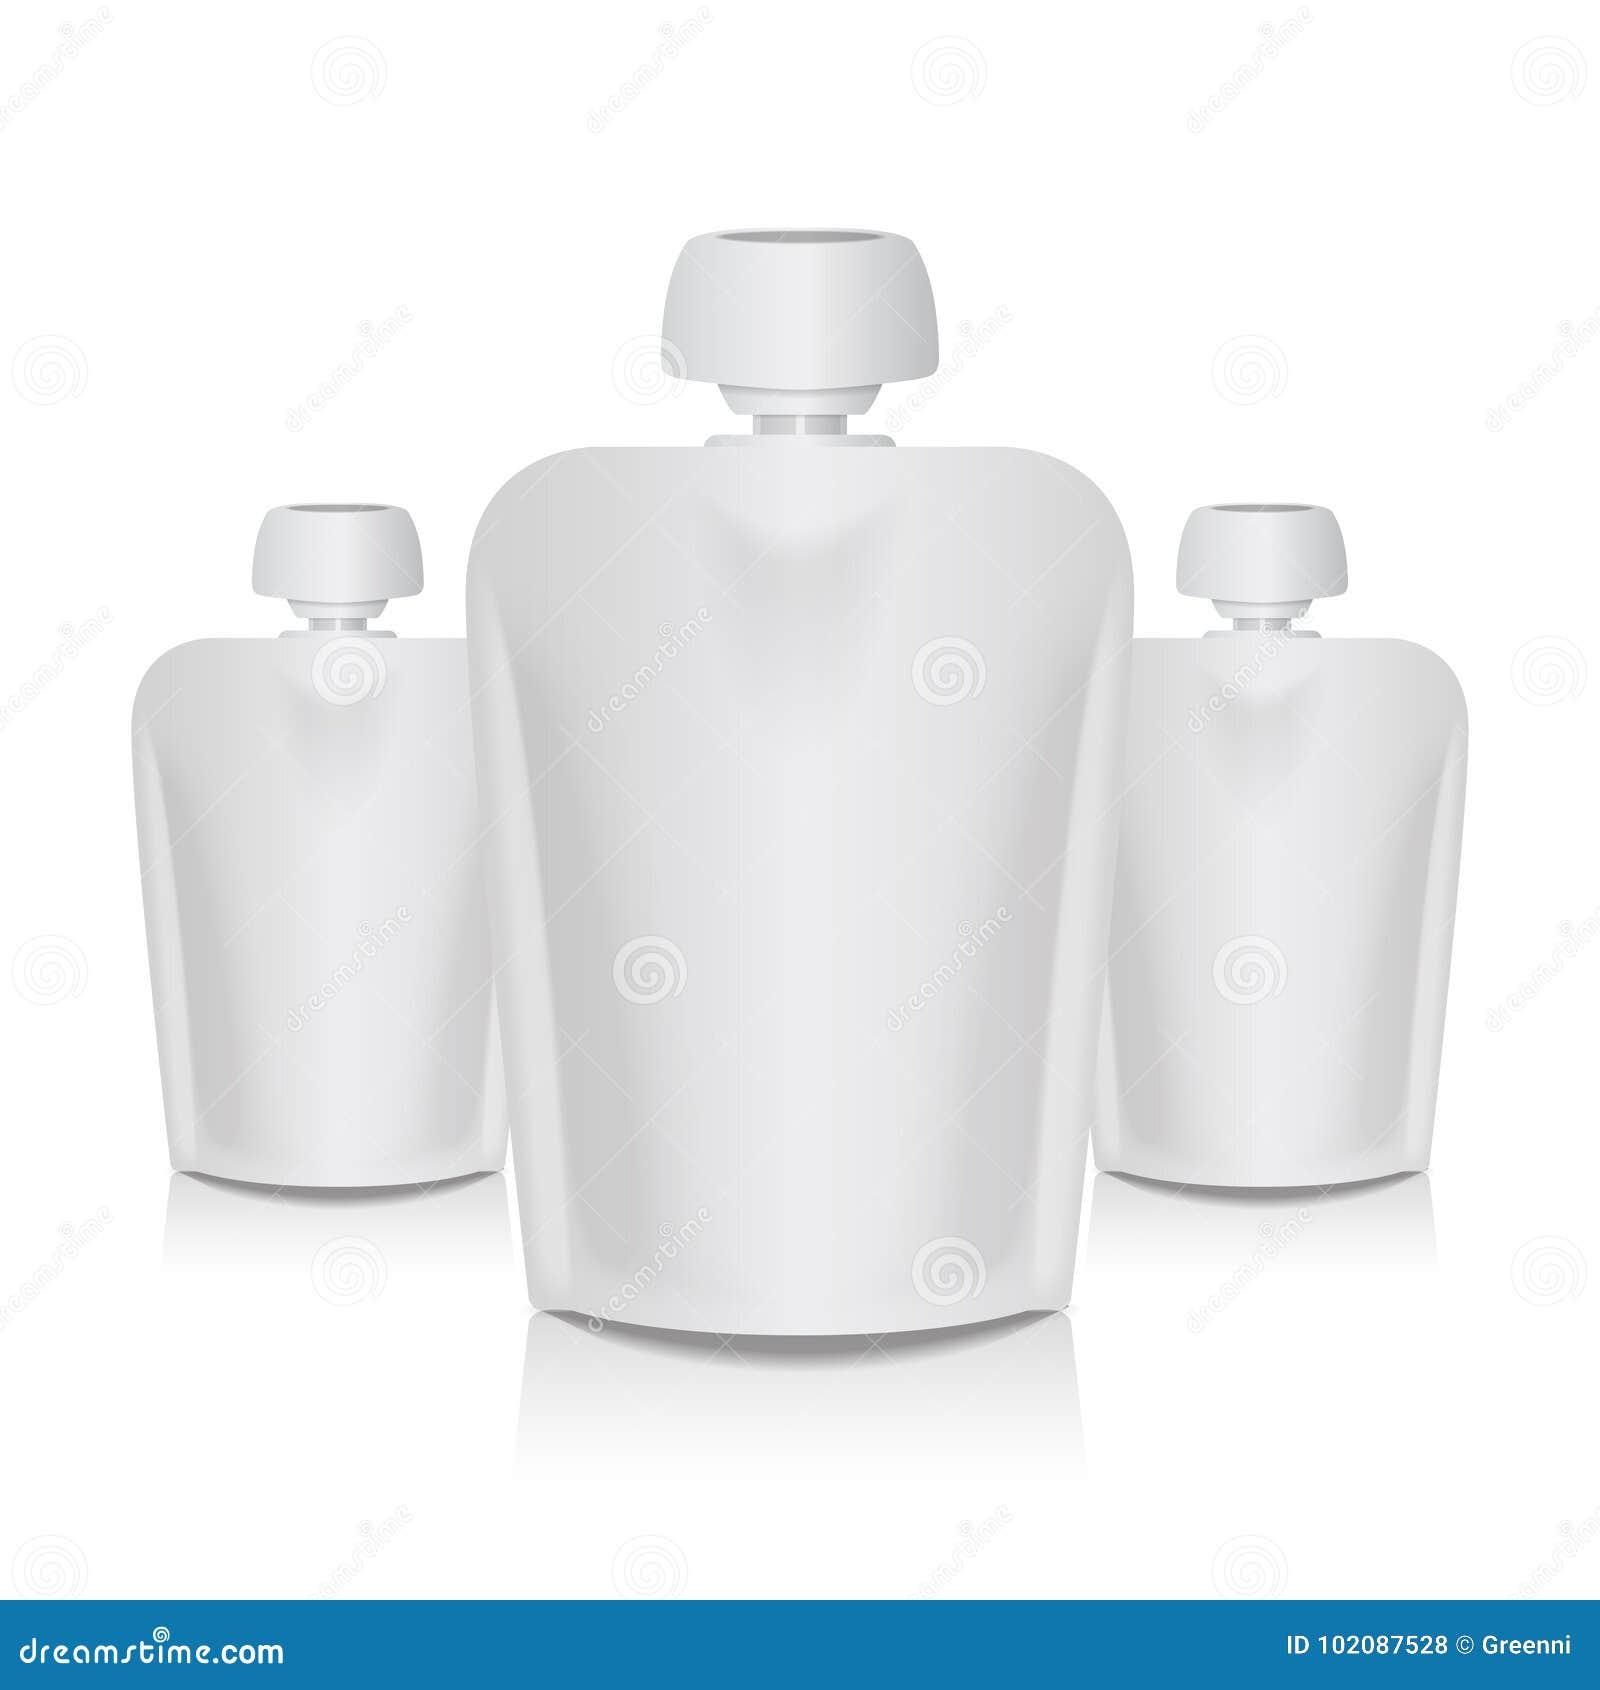 El Bolsa De Flexible Del En Sistema Top Casquillo Blanco Con La Y7vmbgIfy6